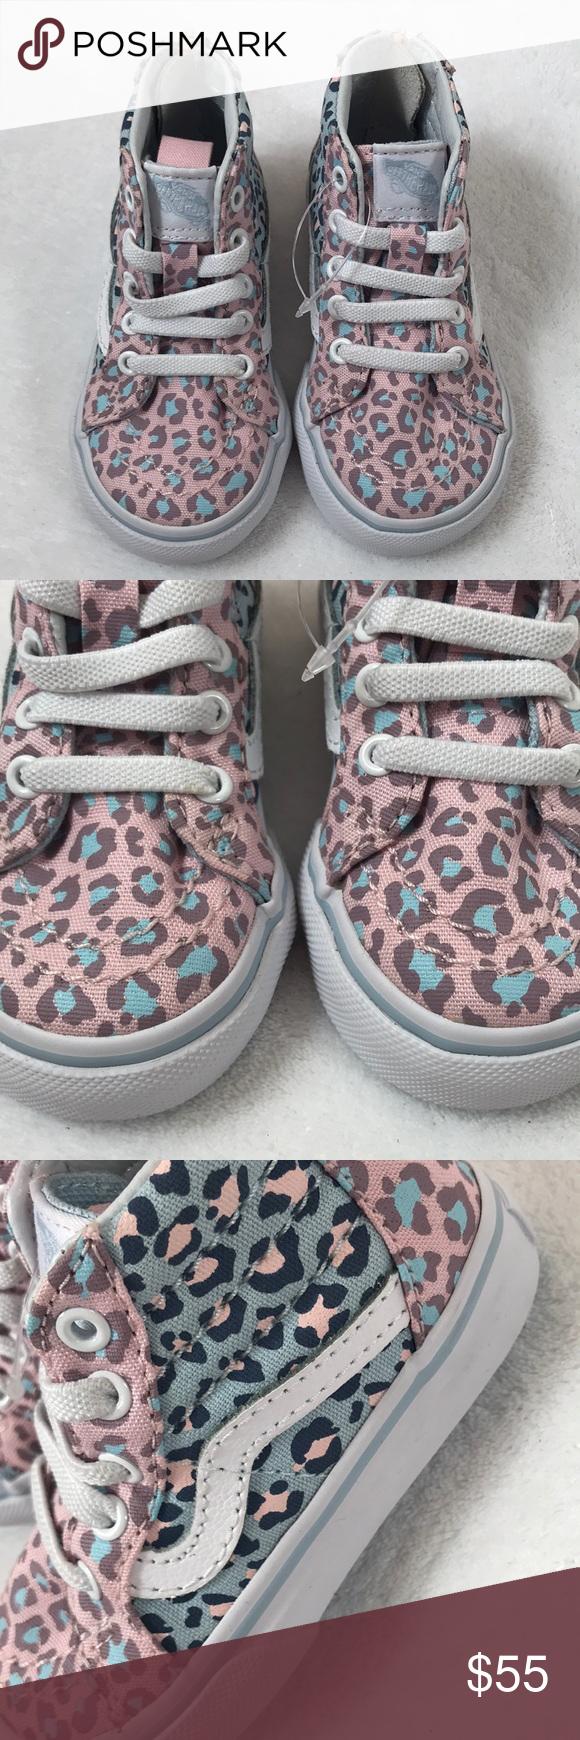 1389712bdaaf6c Vans SK8-Hi Zip Leopard Toddler baby shoes 5 Vans SK8-Hi Zip 2